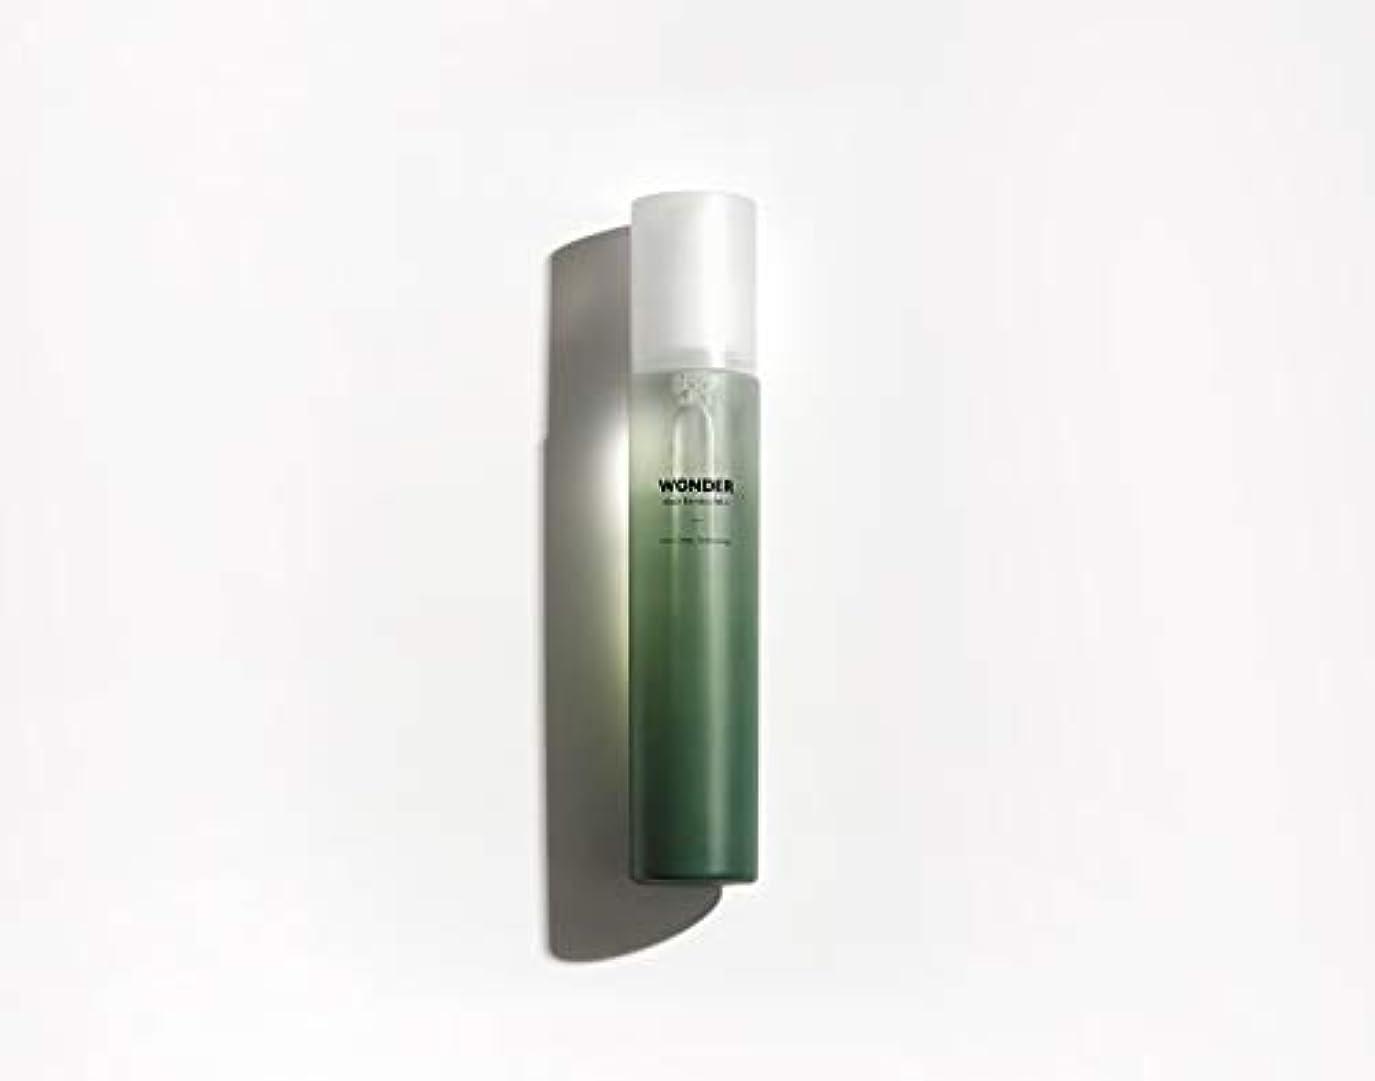 返済ナンセンス浪費Haruharu(ハルハル) ハルハルワンダー BBミスト 化粧水 6種の天然オイルの香り 150ml